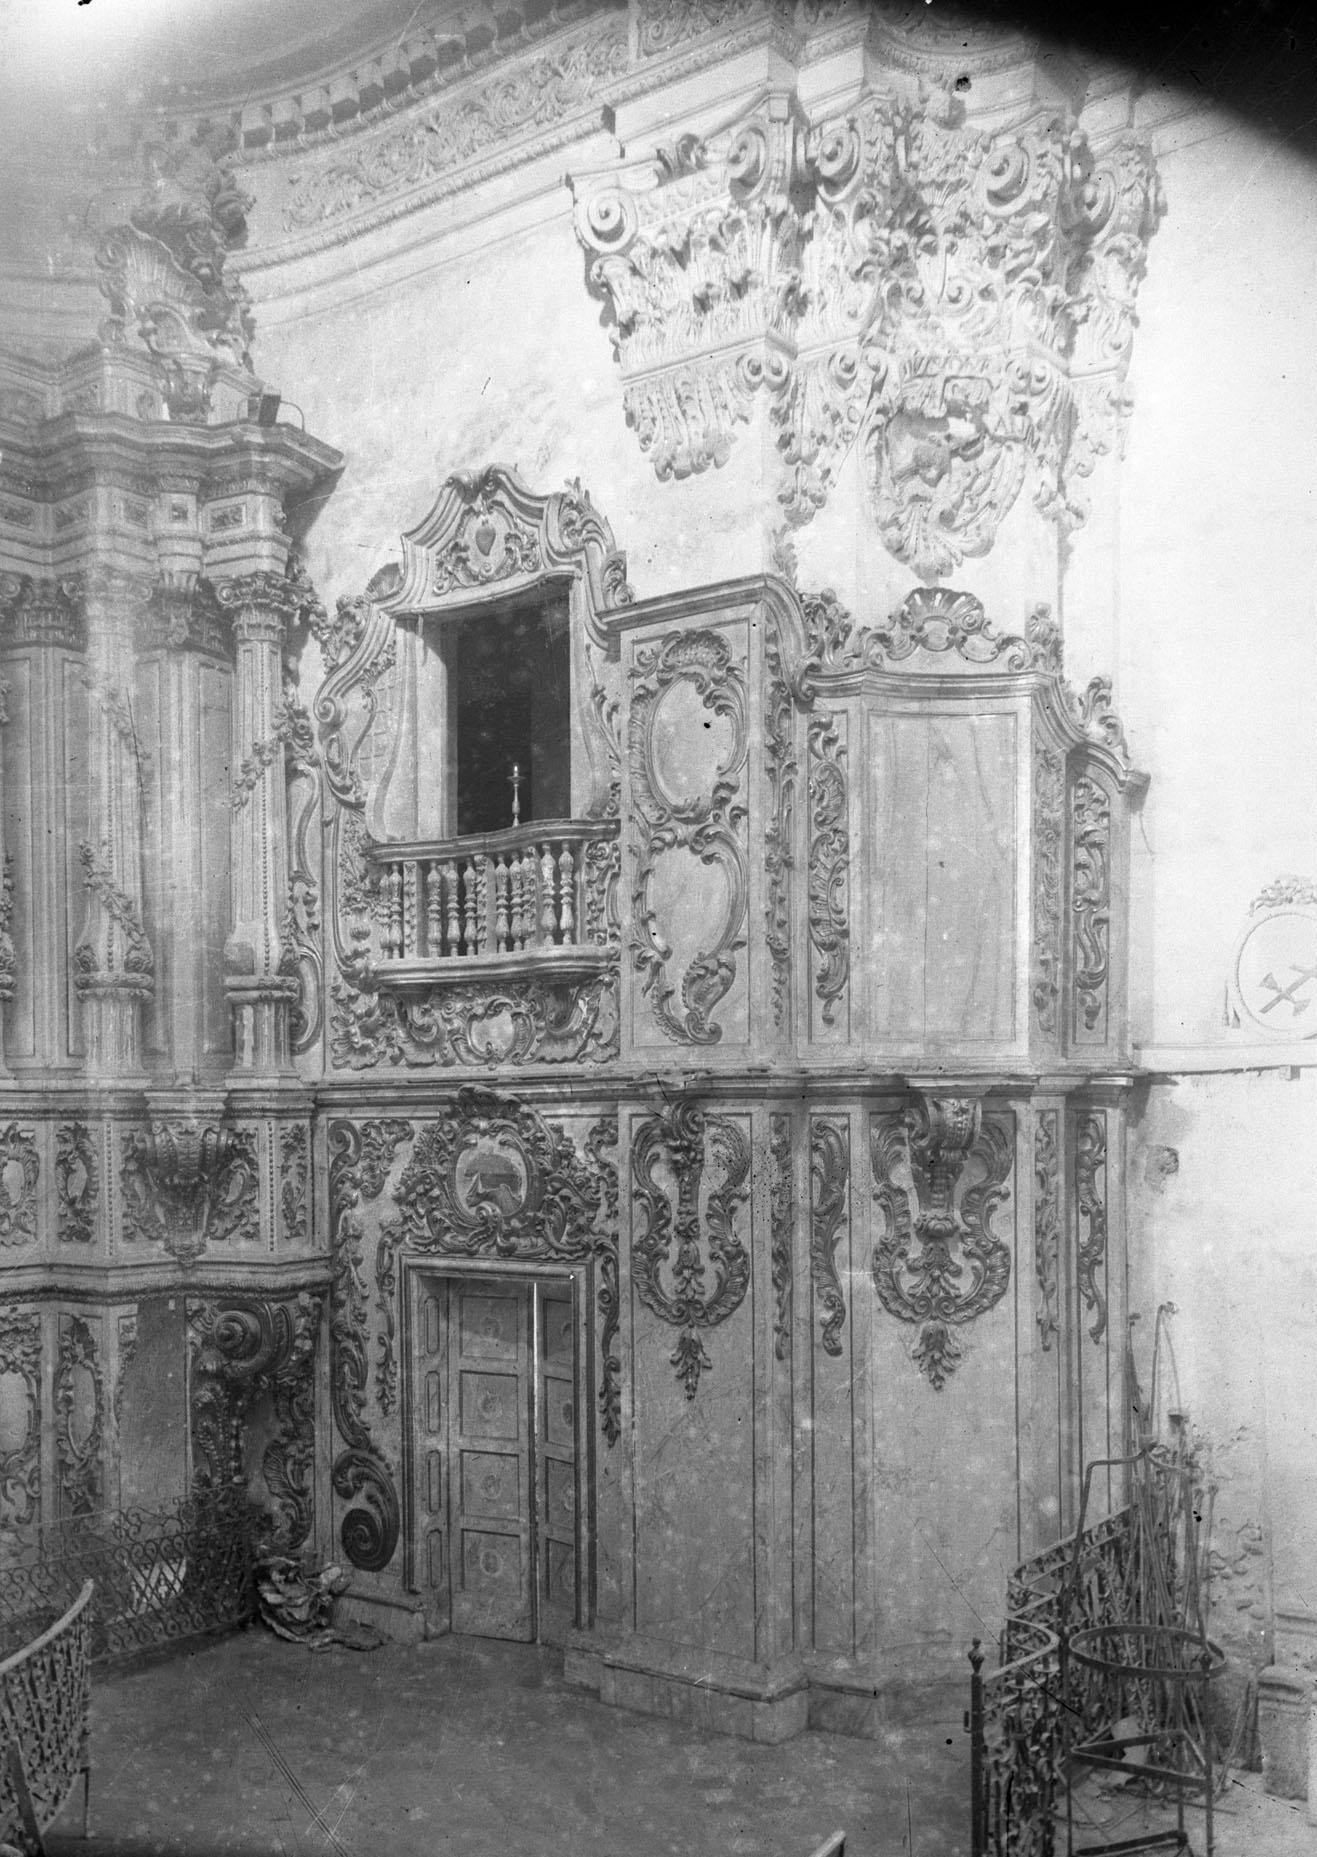 Vista parcial d'un altar de la basílica de Santa Maria, a Castelló d'Empúries, entre els anys 1942 i 1944 (ACGAX. Fons Sadurní Brunet Pi. Autor: Sadurní Brunet)